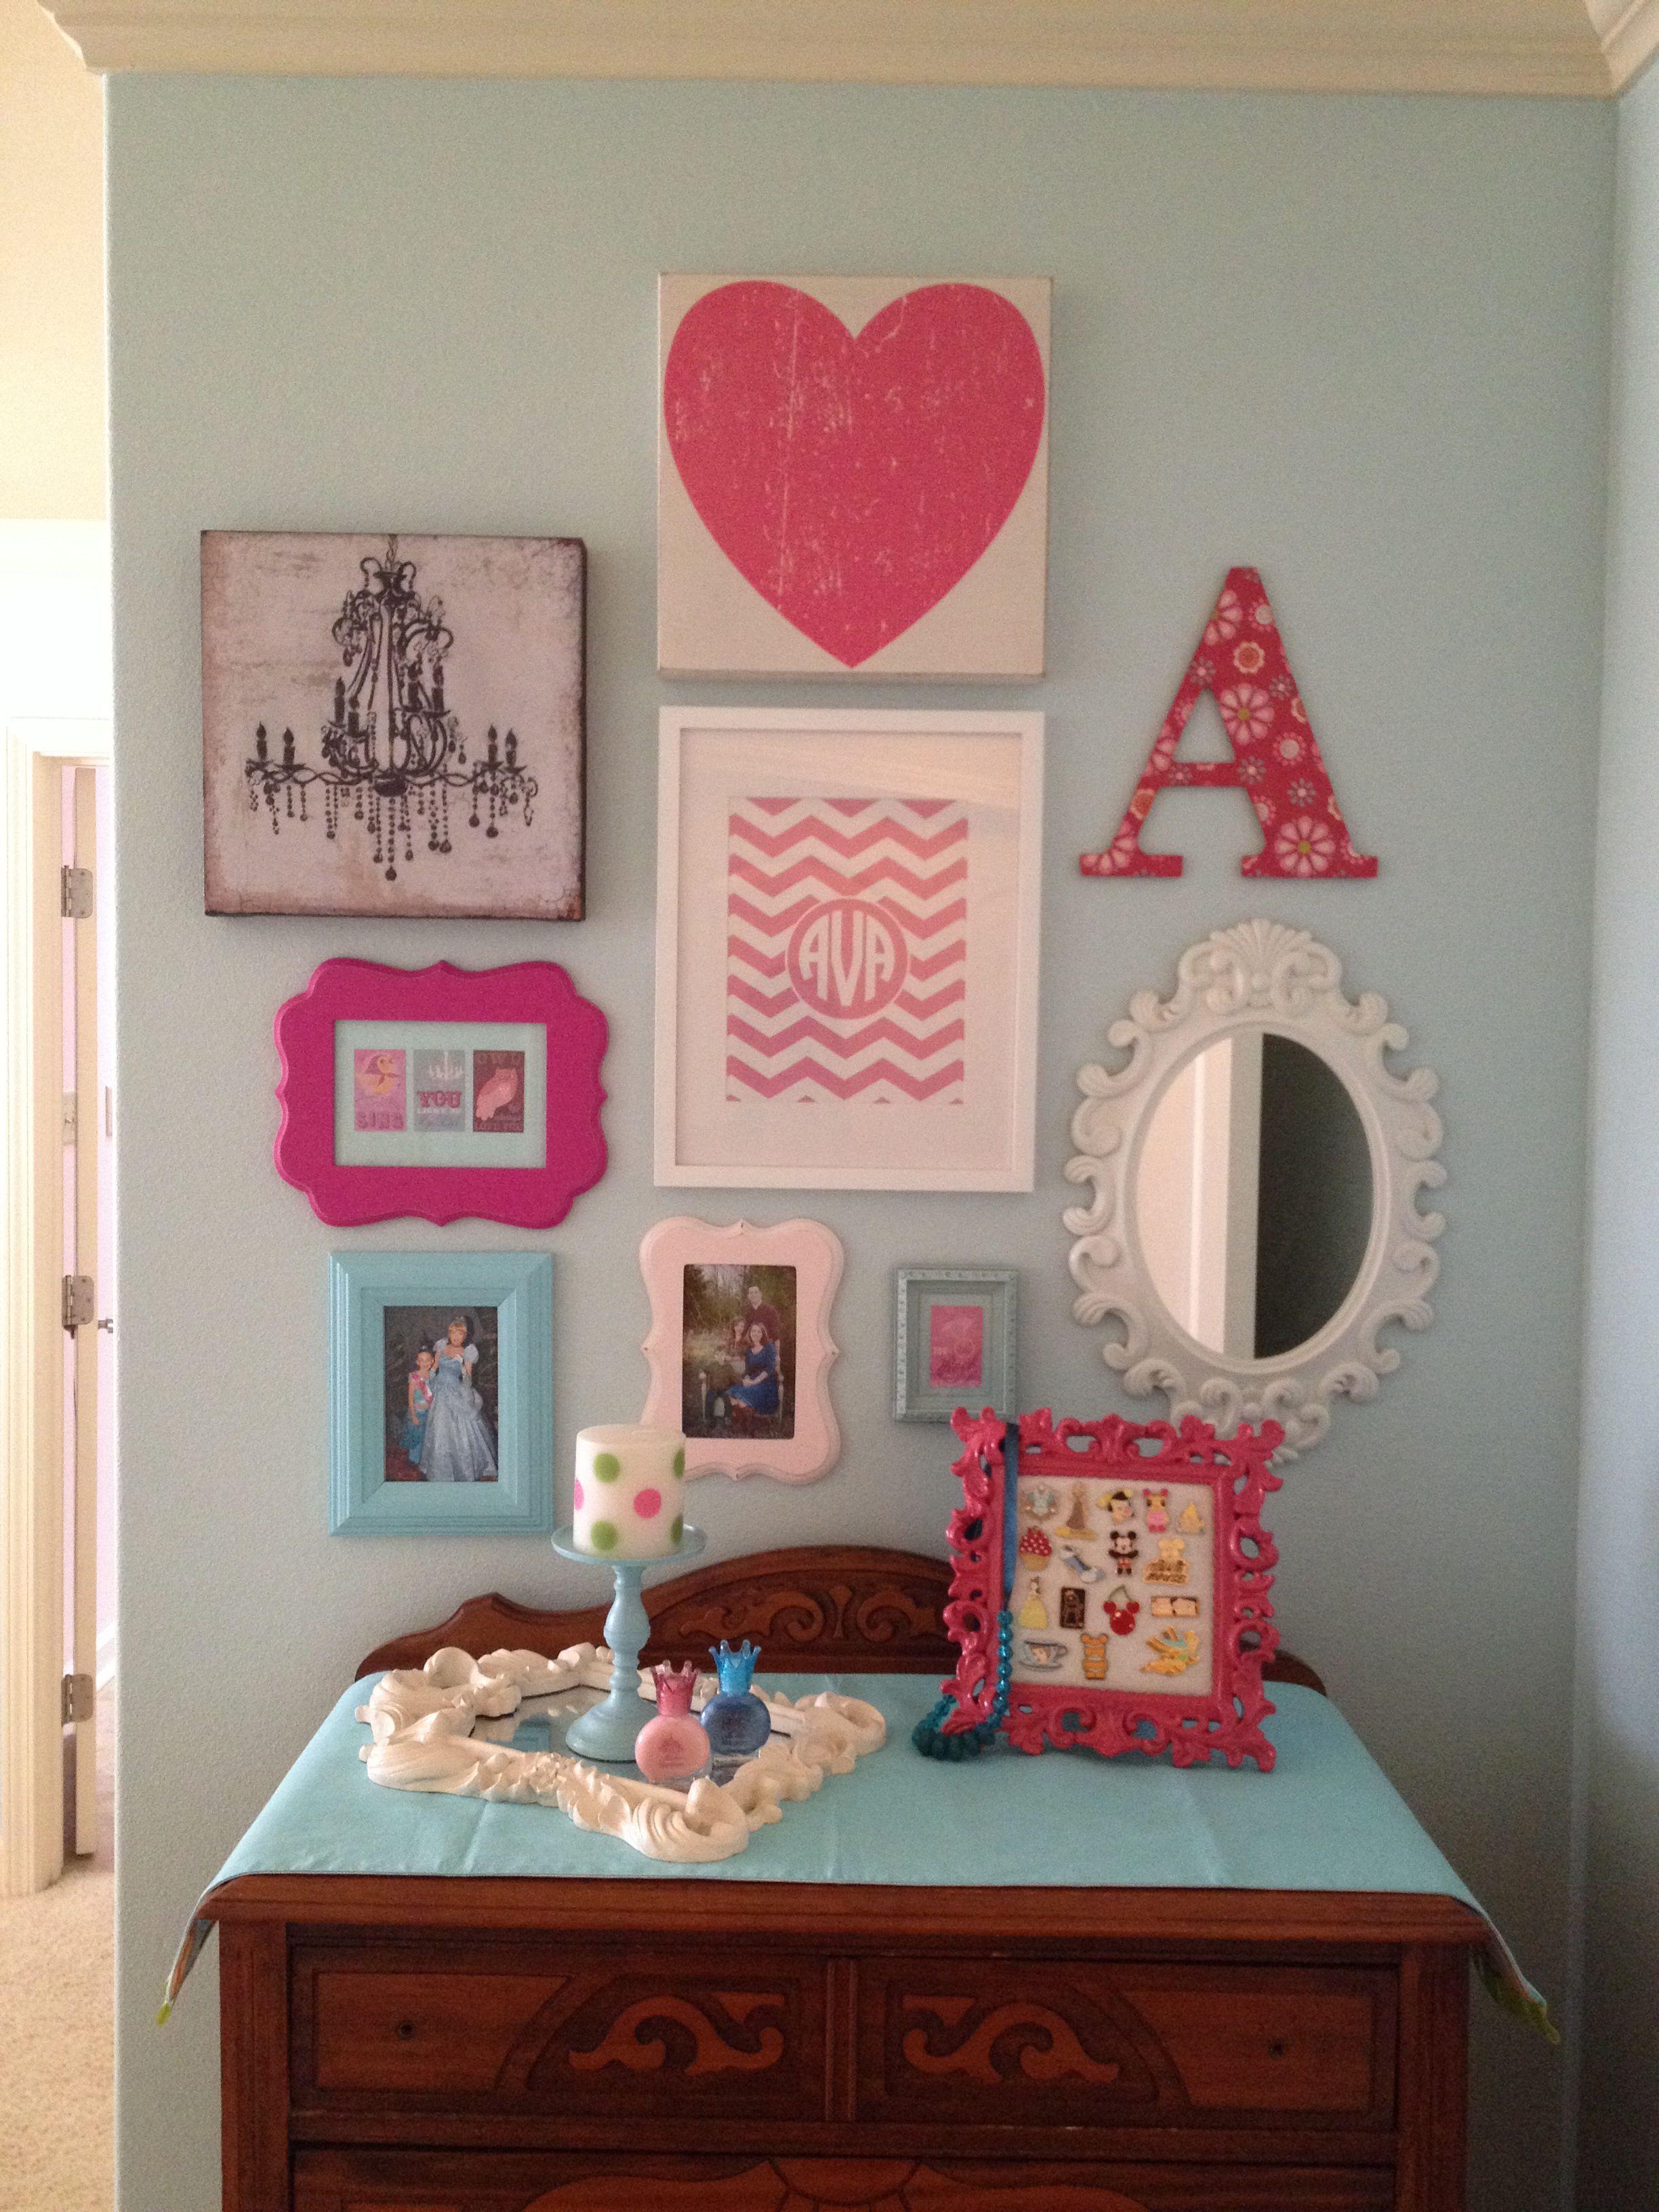 40 Luxury Kid Bedroom Ideas Wall Decor Bedroom Girls Girls Room Wall Decor Wall Decor Bedroom